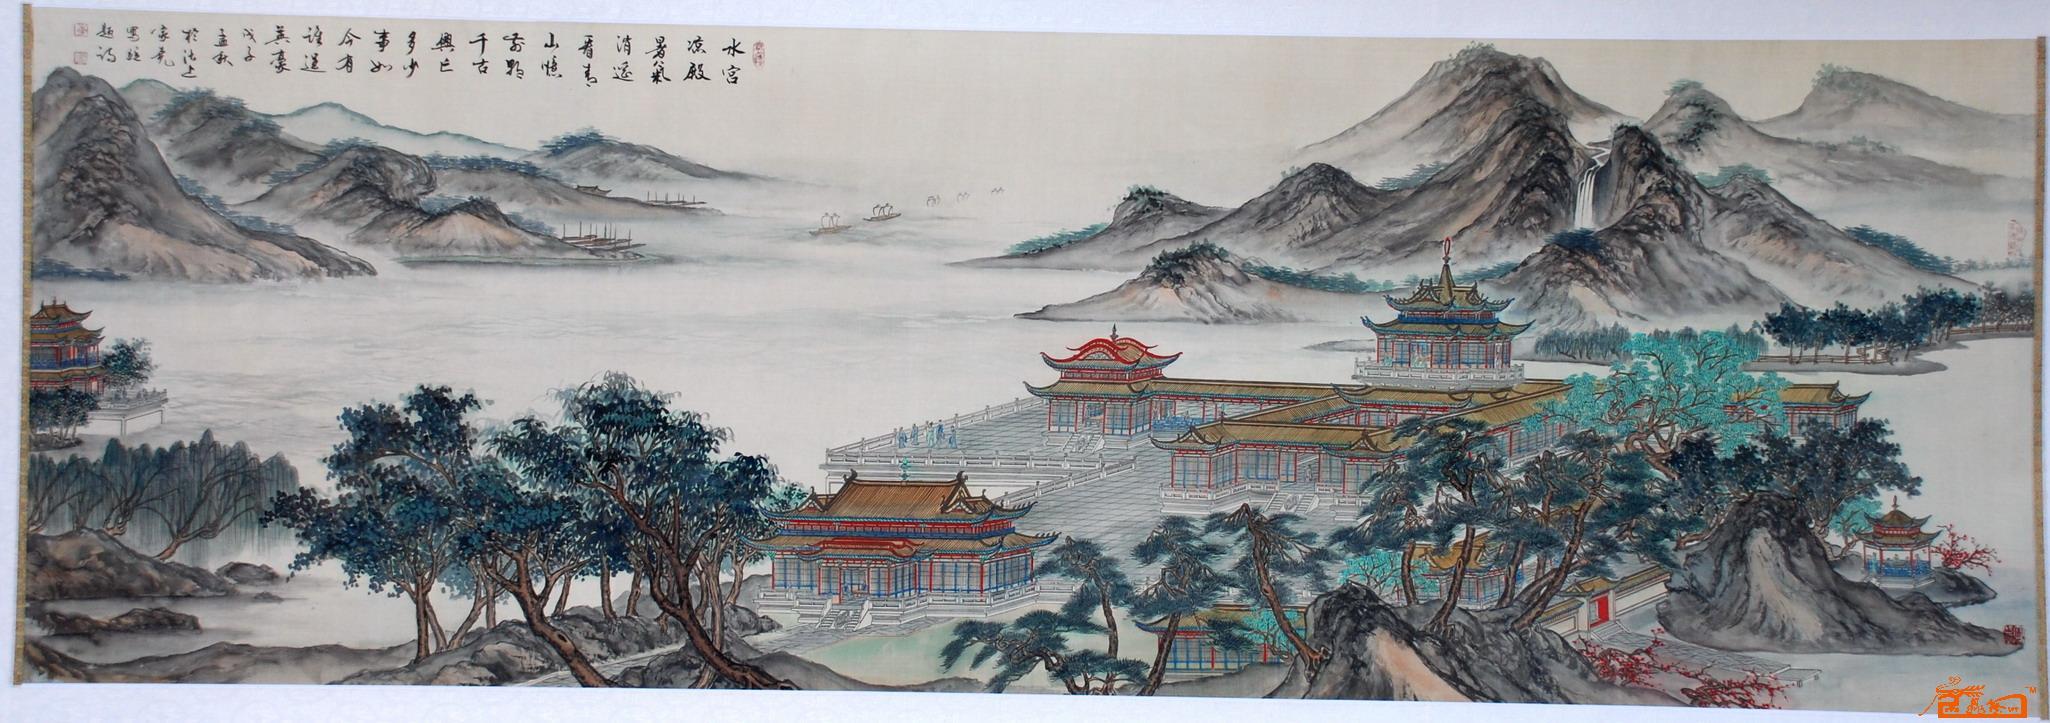 山水宫 李家尧 淘宝 名人字画 中国书画交易中心